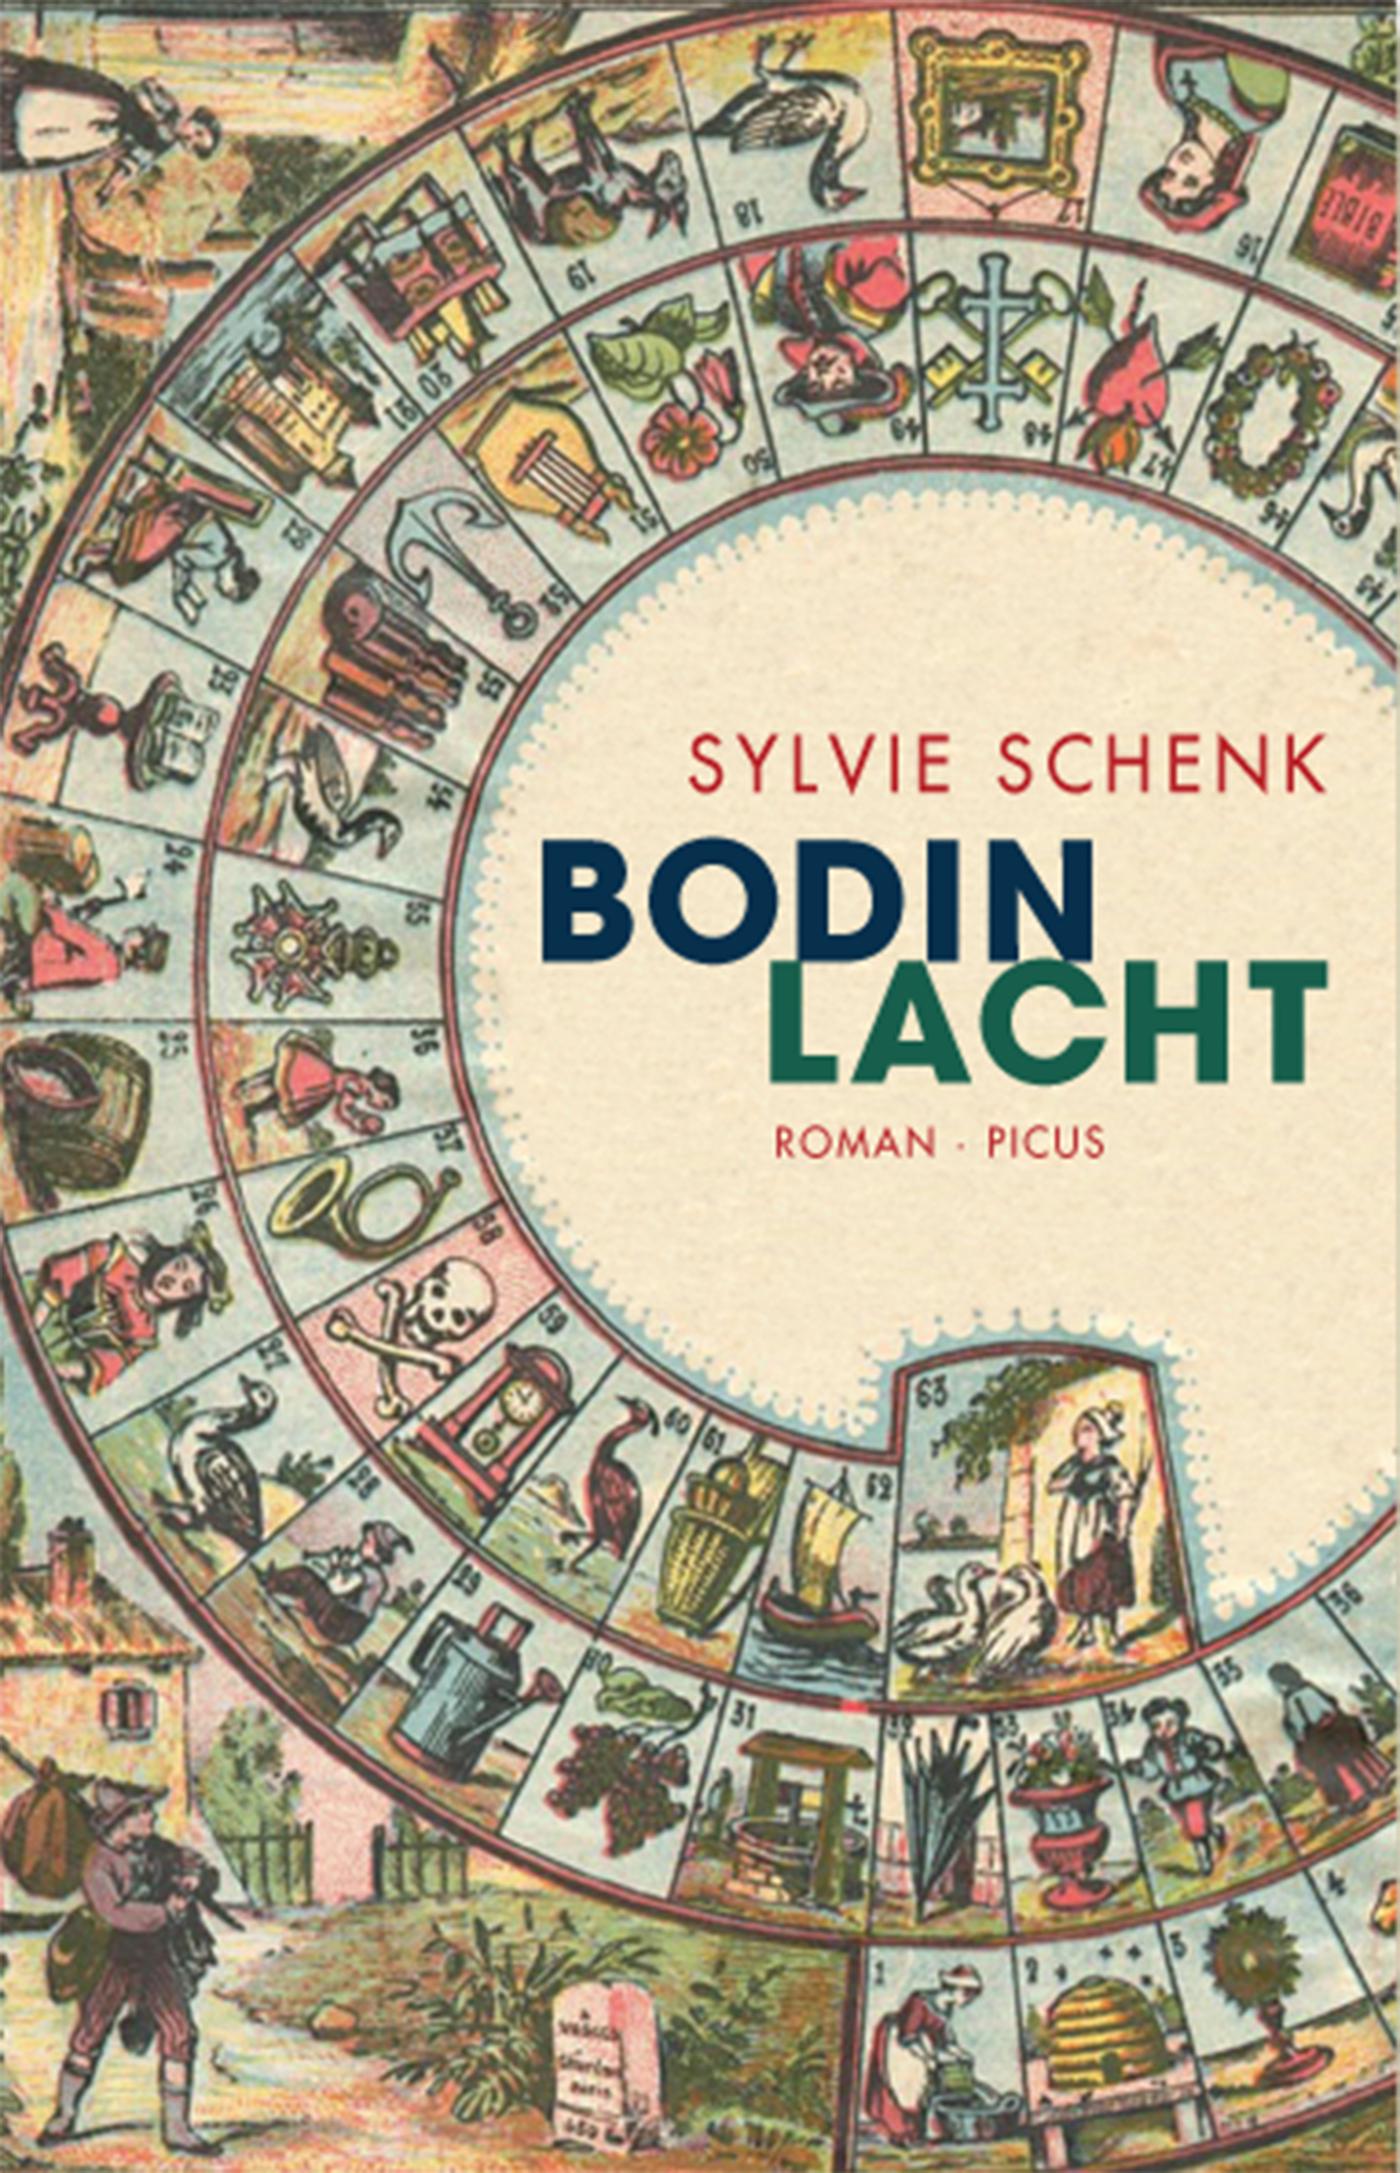 Bodin lacht ( Sylvie  Schenk  )